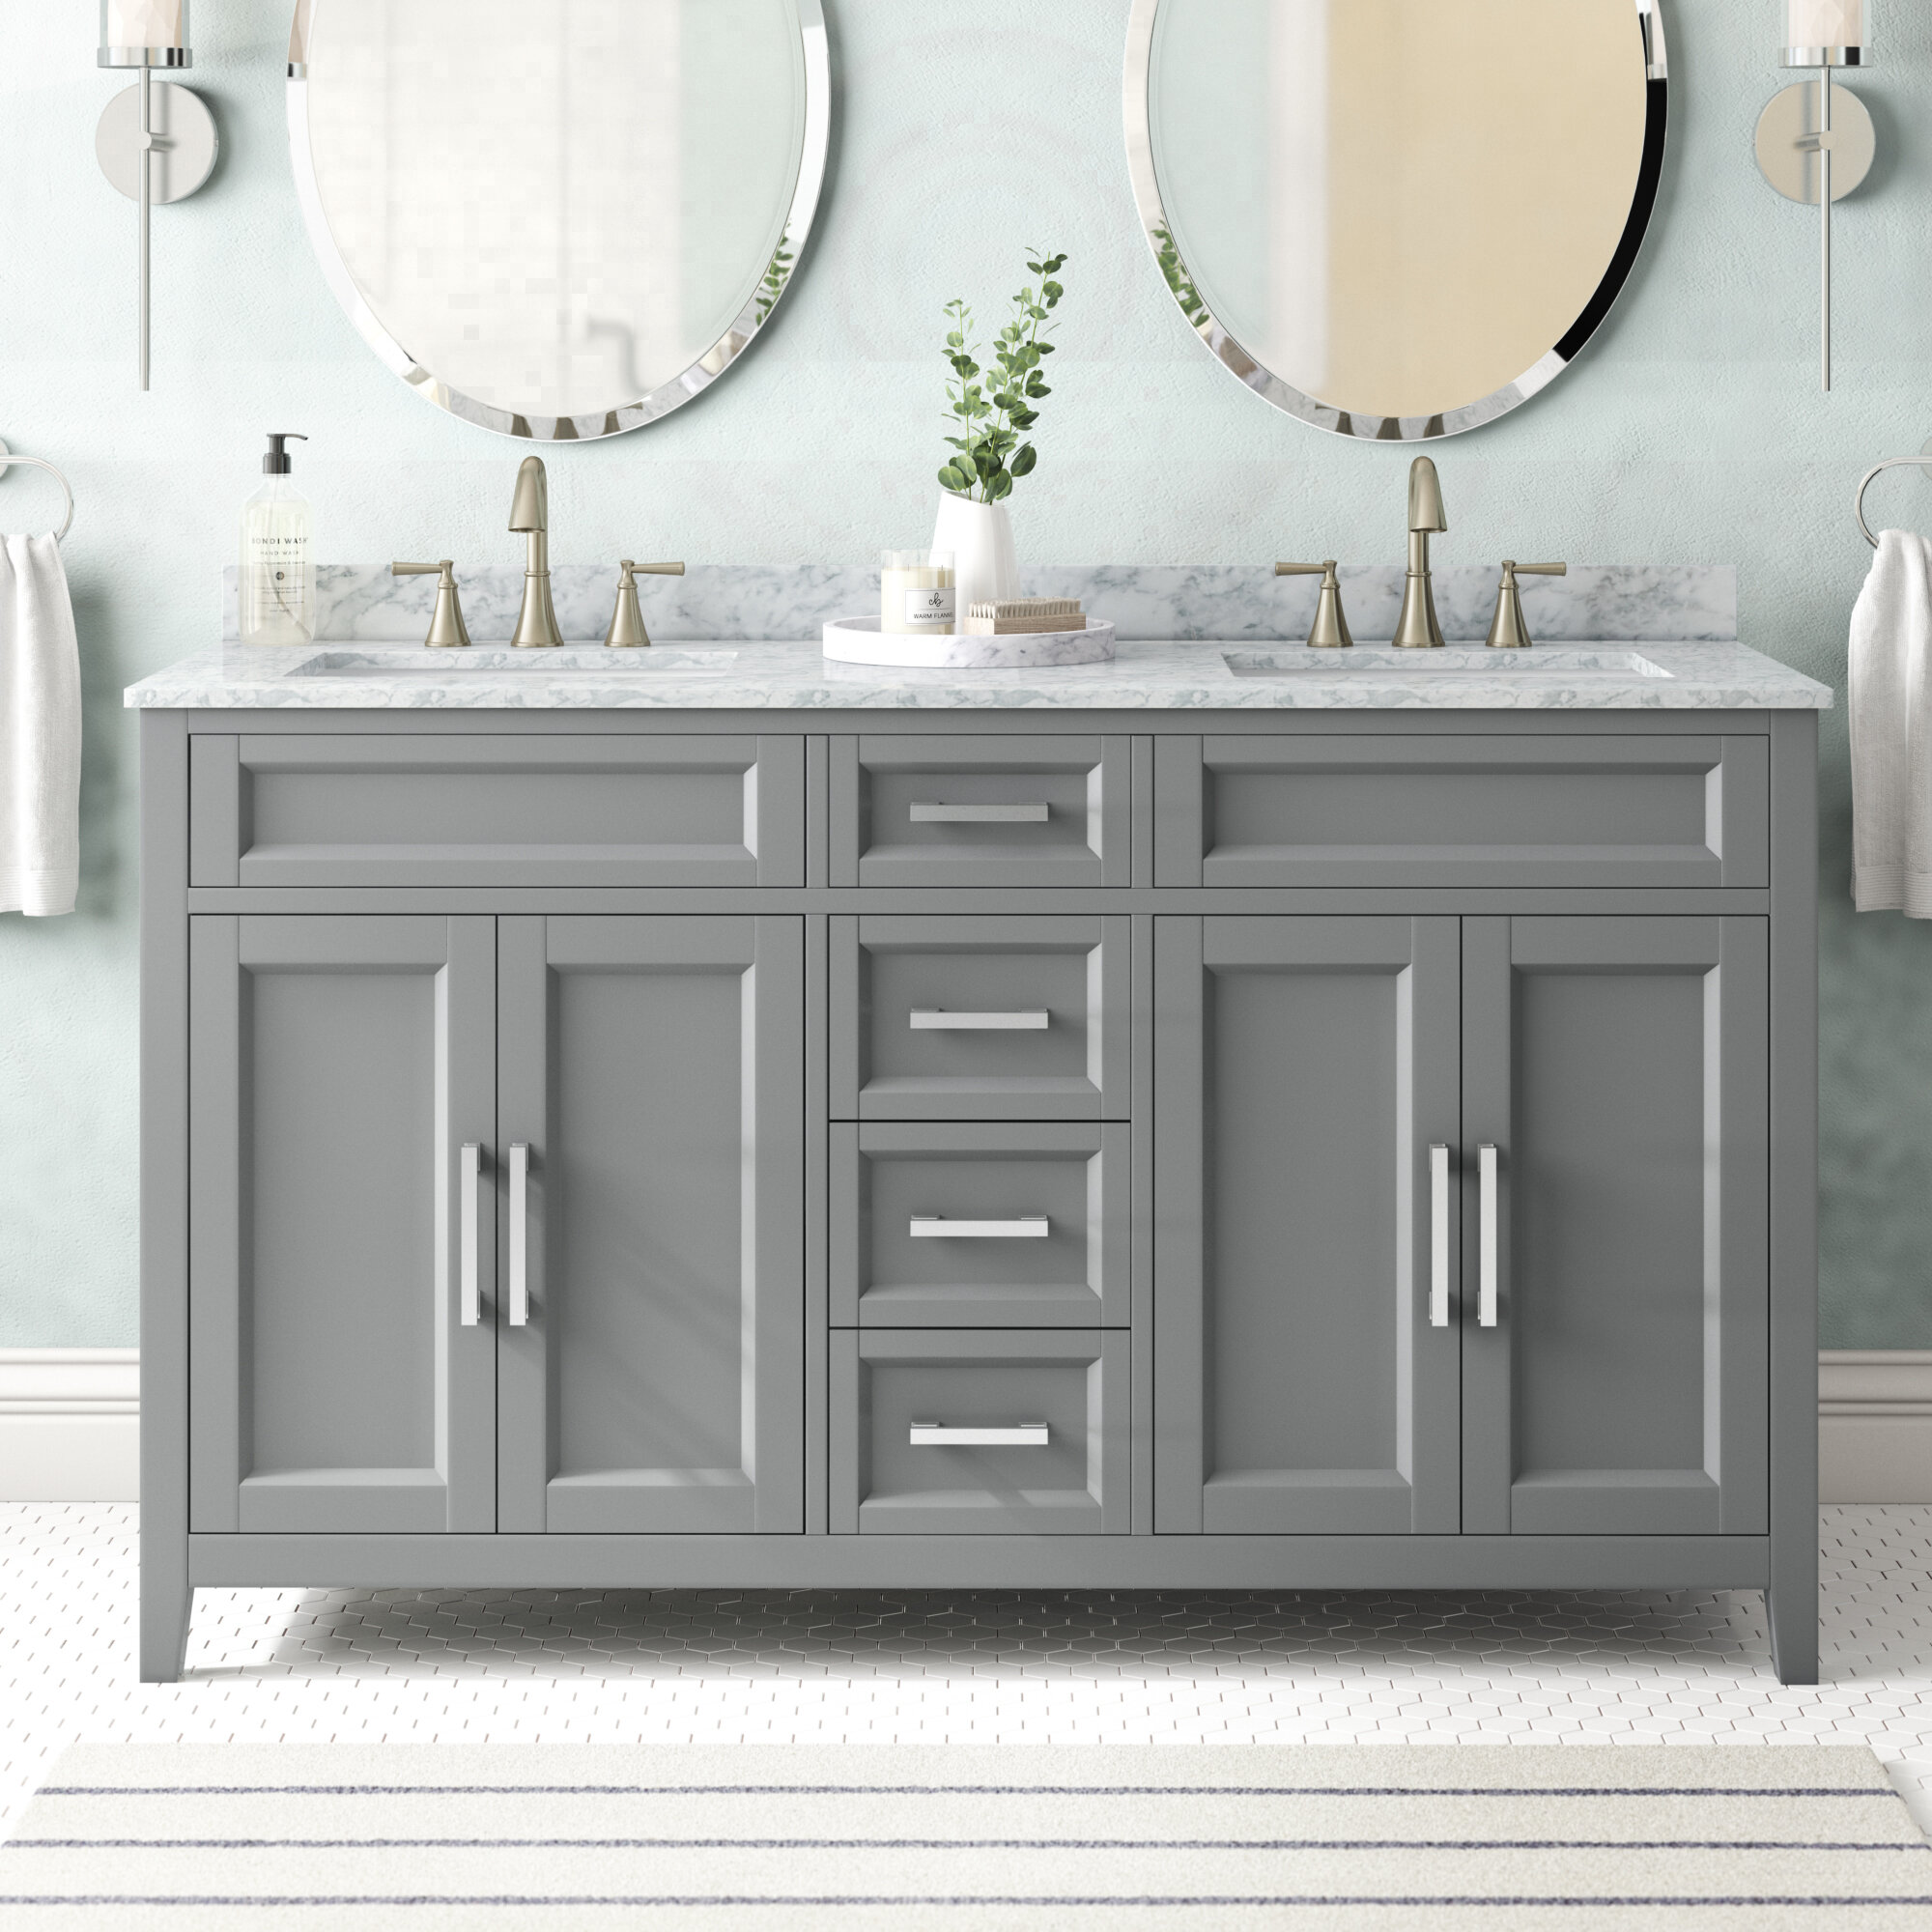 60 Gray Vanity Art Modern Bathroom Vanity Combo Set With Free Mirror Kitchen Bath Fixtures Bathroom Fixtures